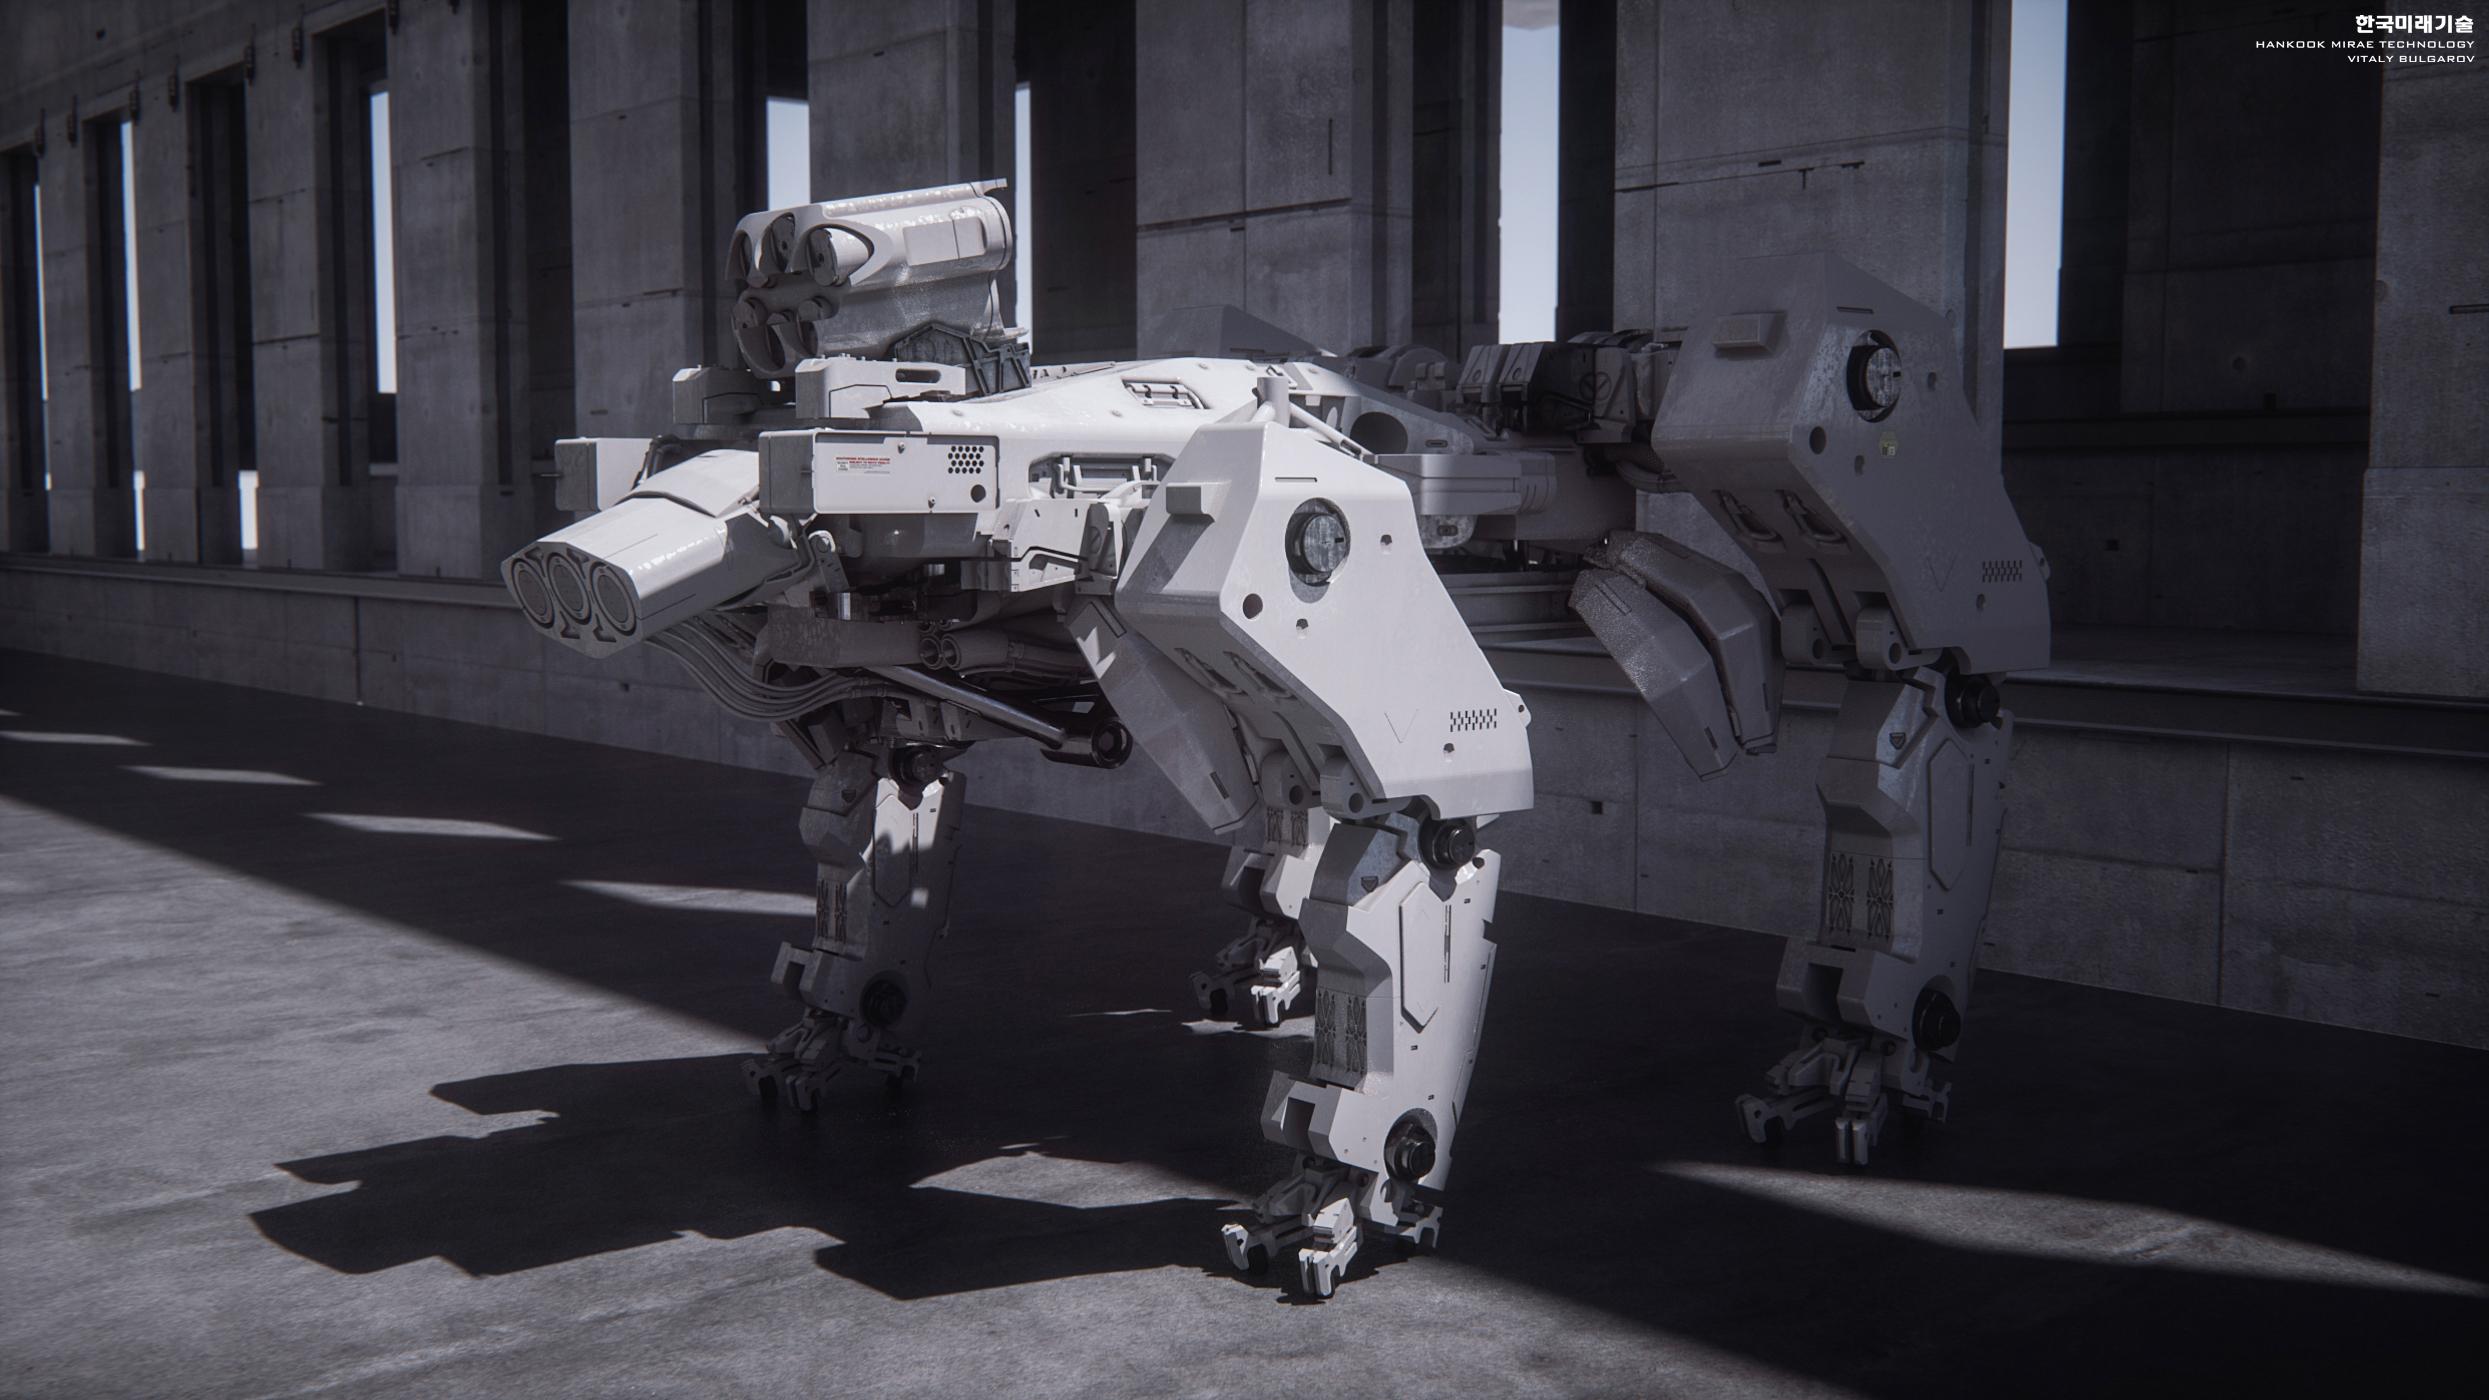 KFT_4LeggedRobot_V3_04.jpg